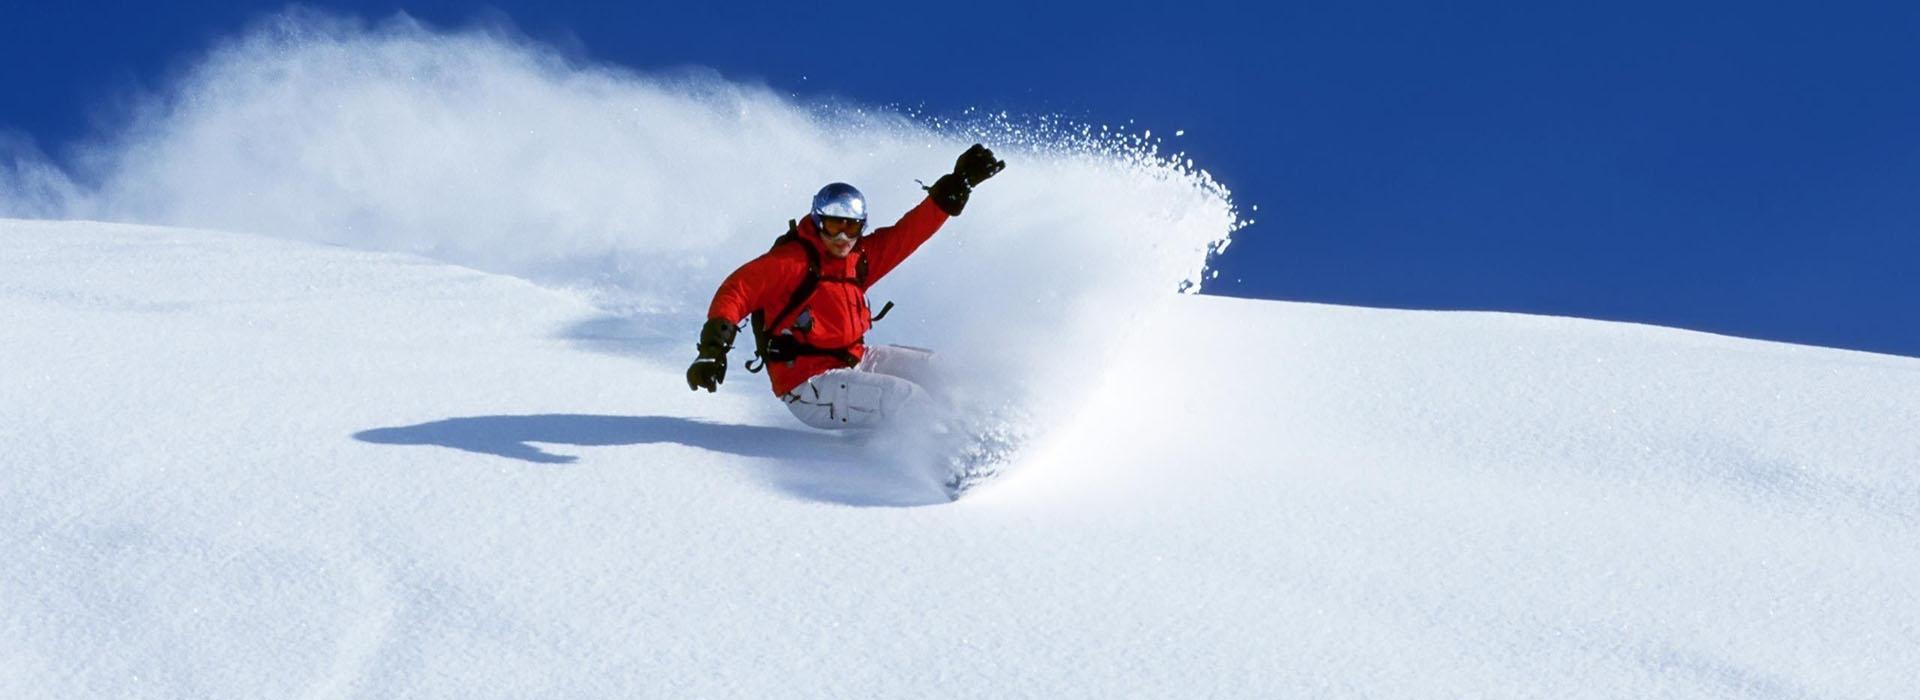 Snowboard Nedir, Nasıl Yapılır? - Genel